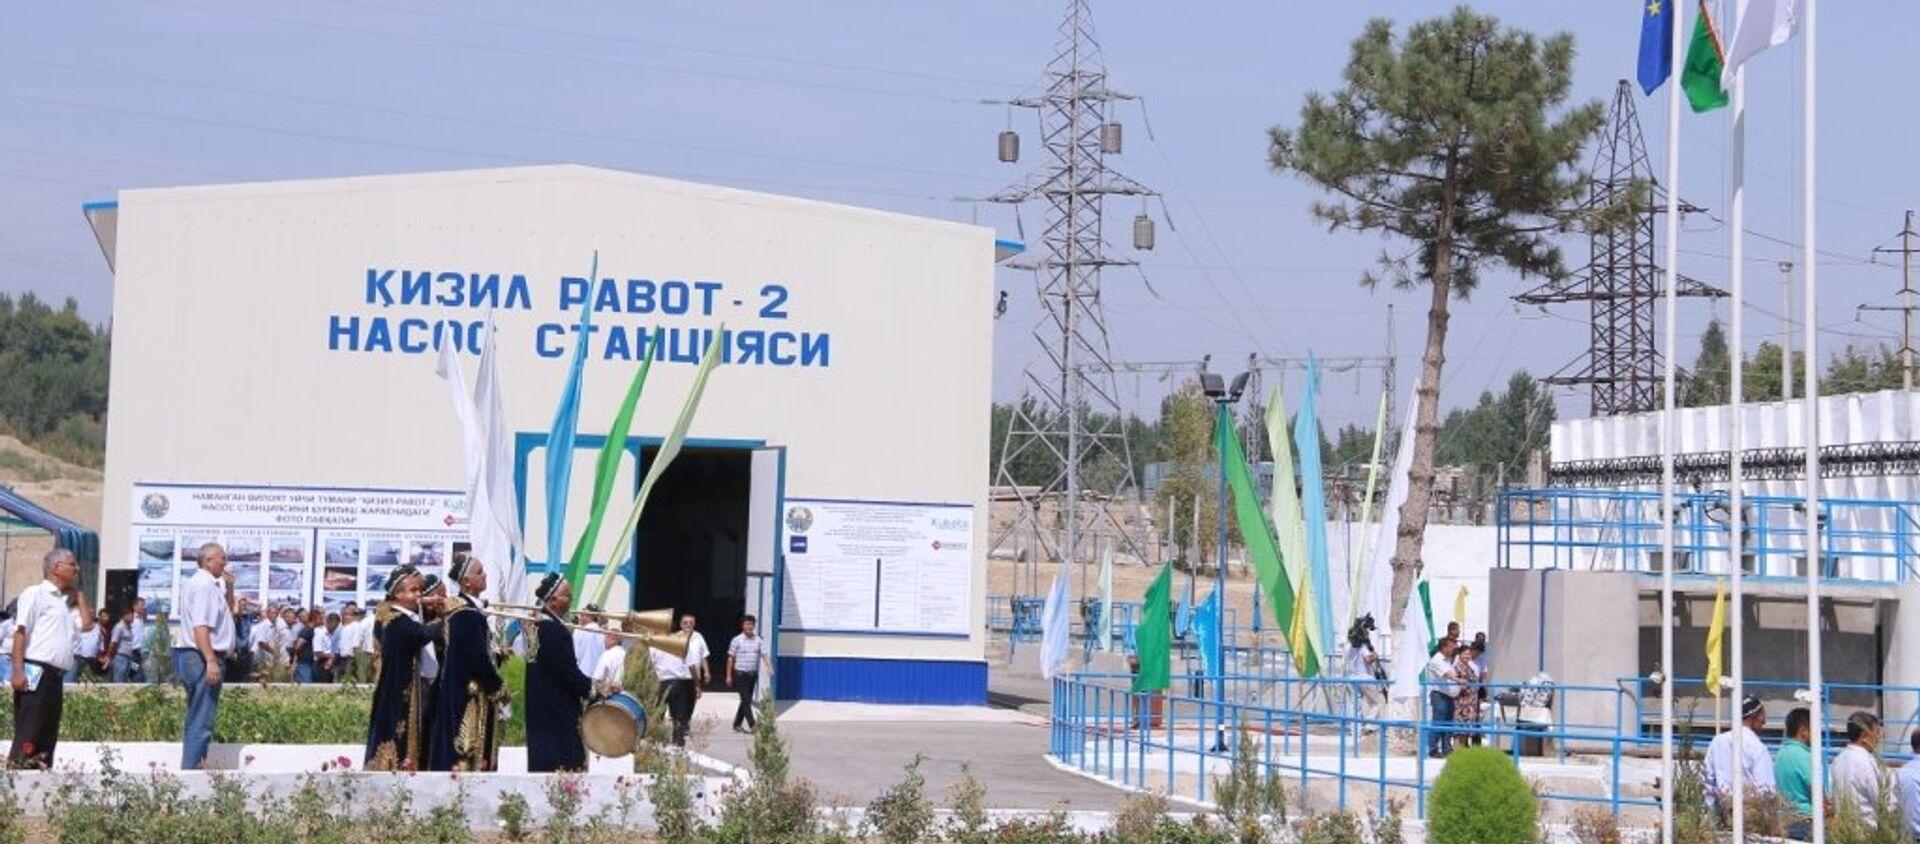 Новая насосная станция Кизил Равот-2 в Наманганской области - Sputnik Узбекистан, 1920, 05.09.2016